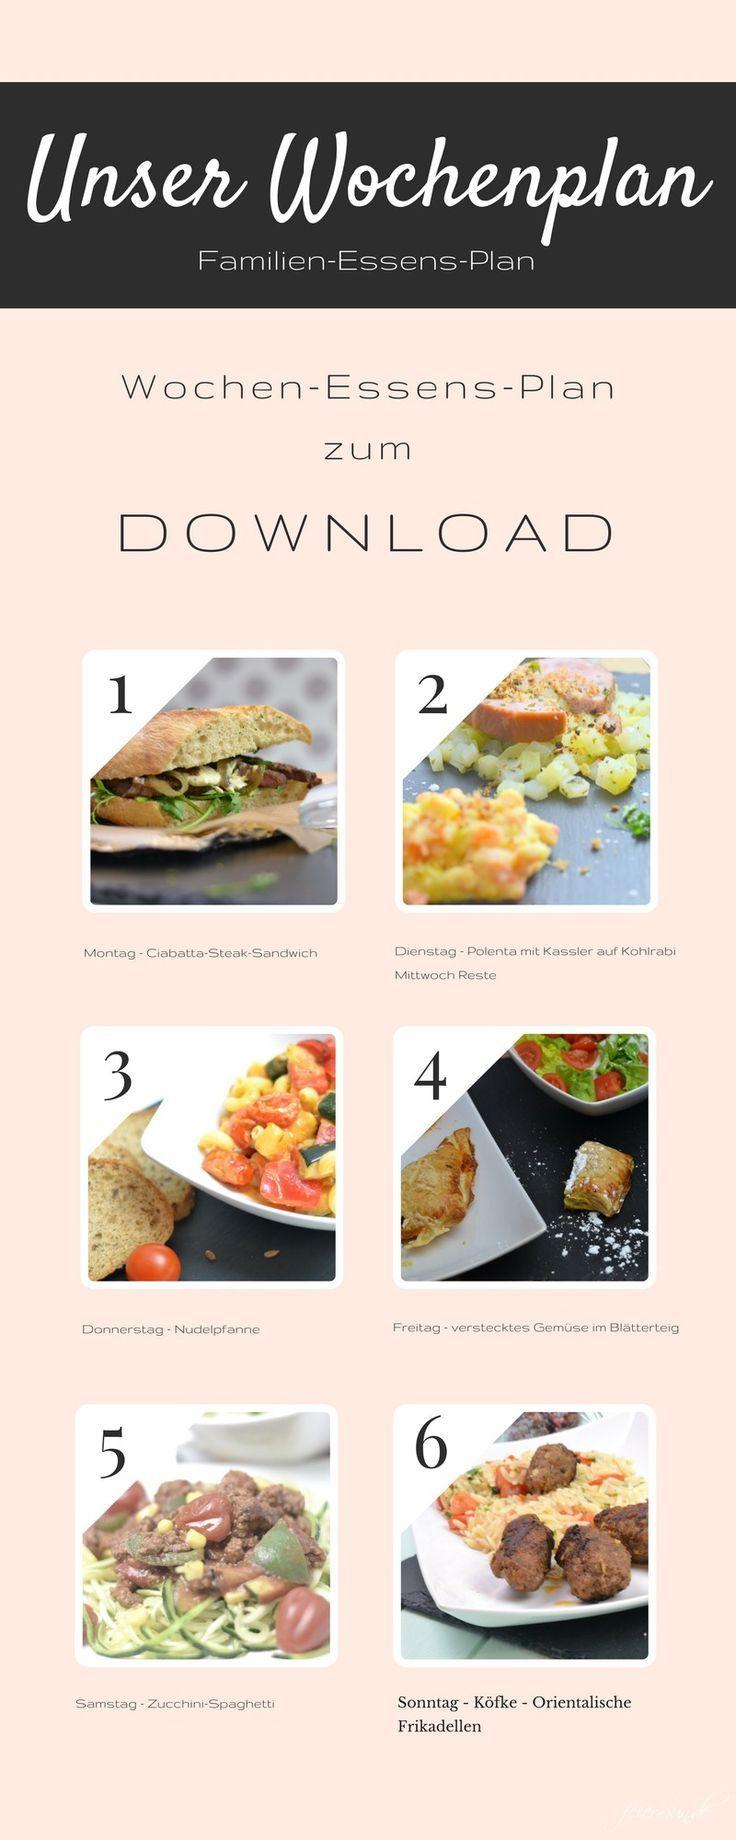 Na Was Koche Ich Denn Heute Unser Wochenplan Feiersun De Essen Planer Lebensmittel Essen Essen